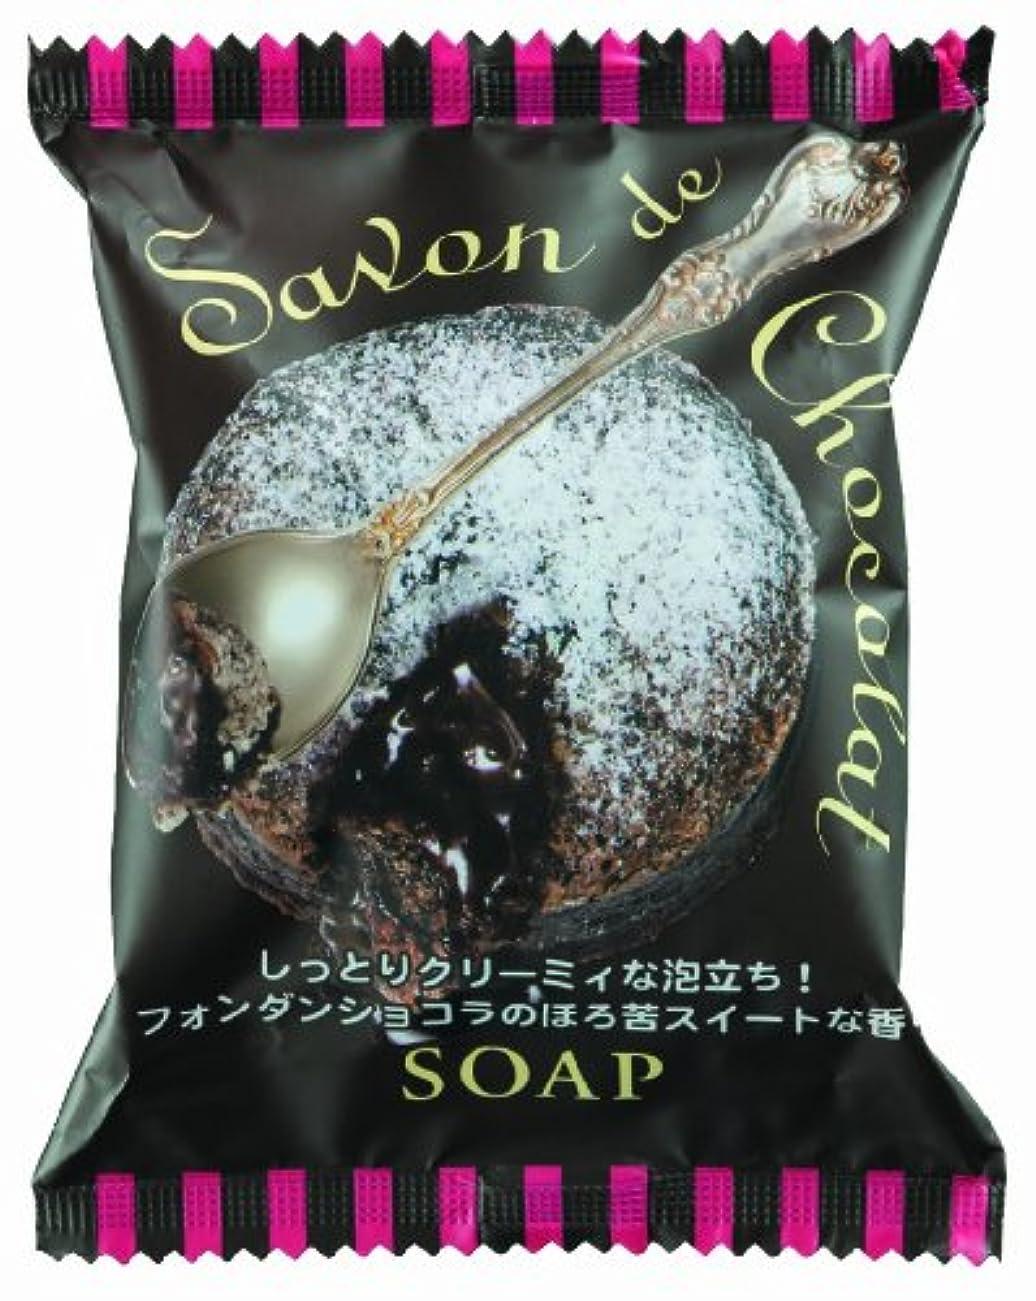 南のスコアタバコペリカン石鹸 サボンドショコラソープ 80g